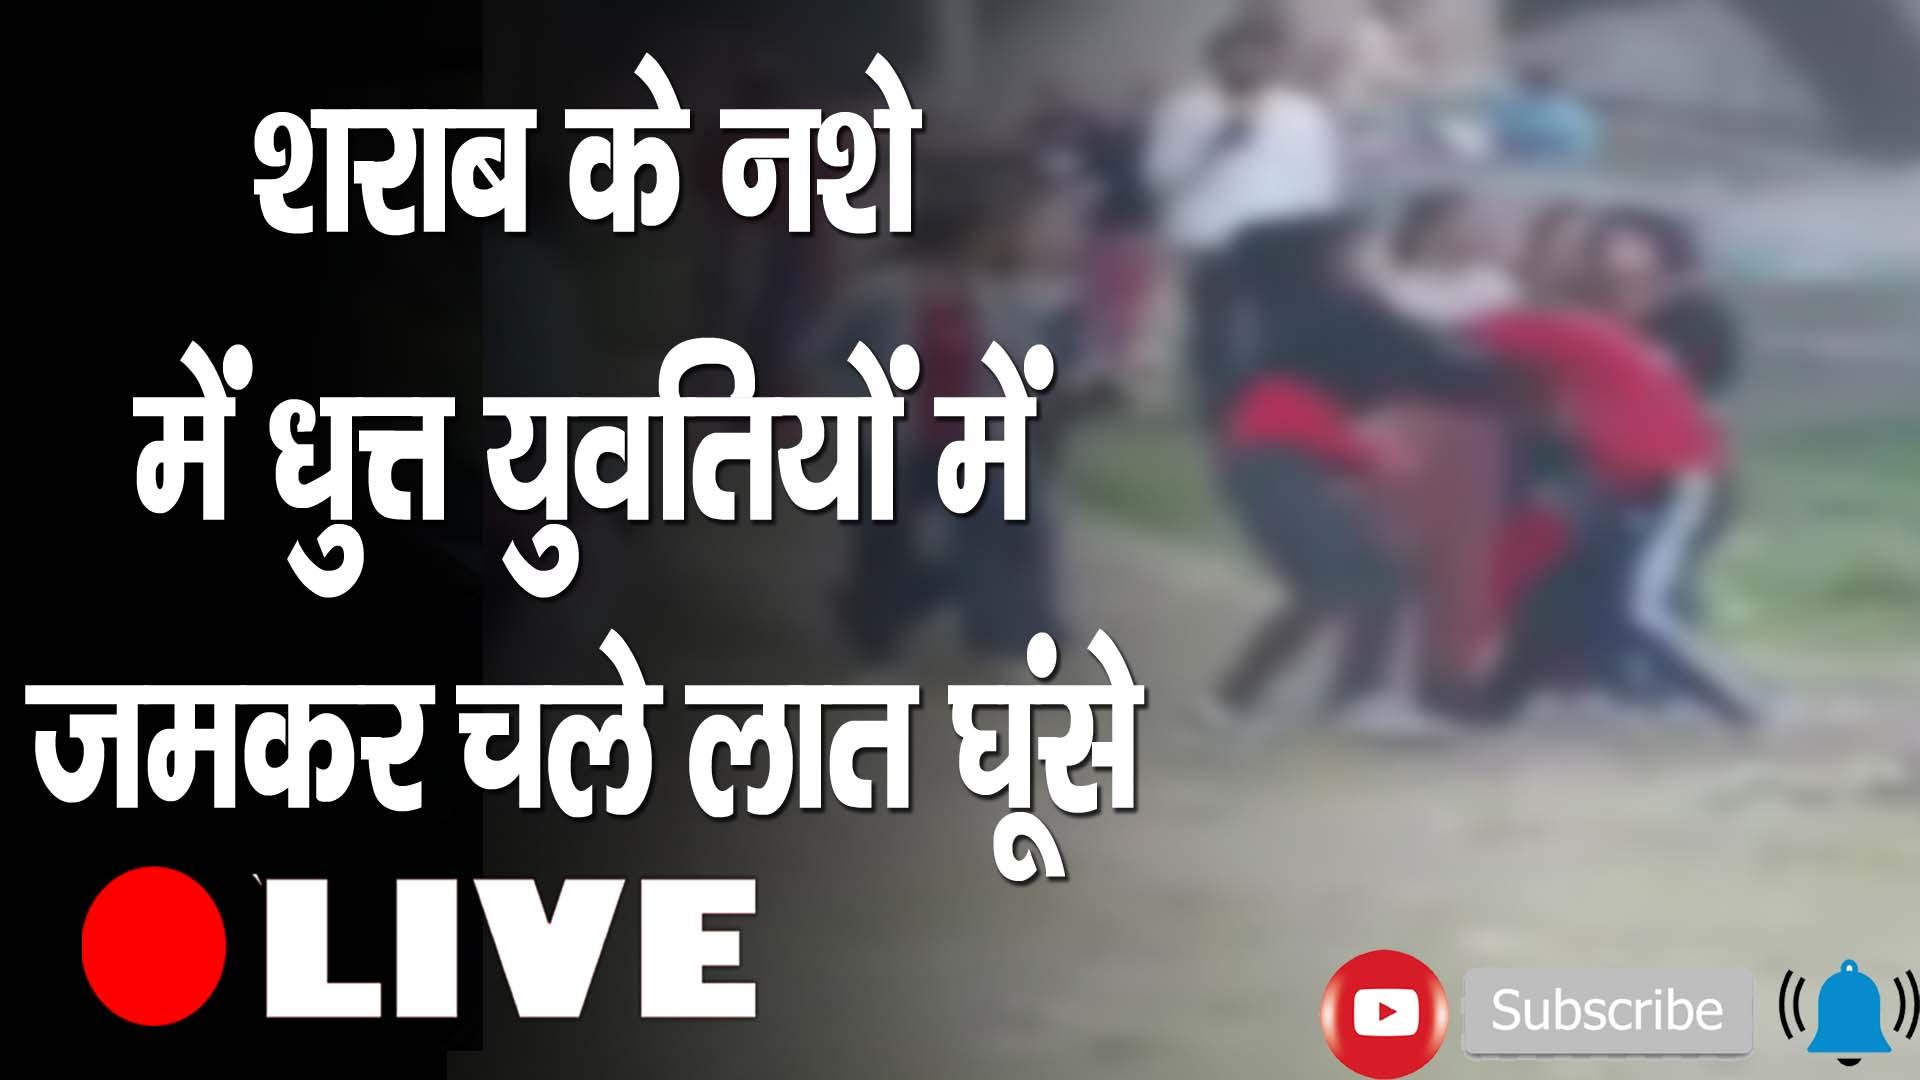 शराब के नशे में धुत्त युवतियों में जमकर चले लात घूंसे, Video Viral